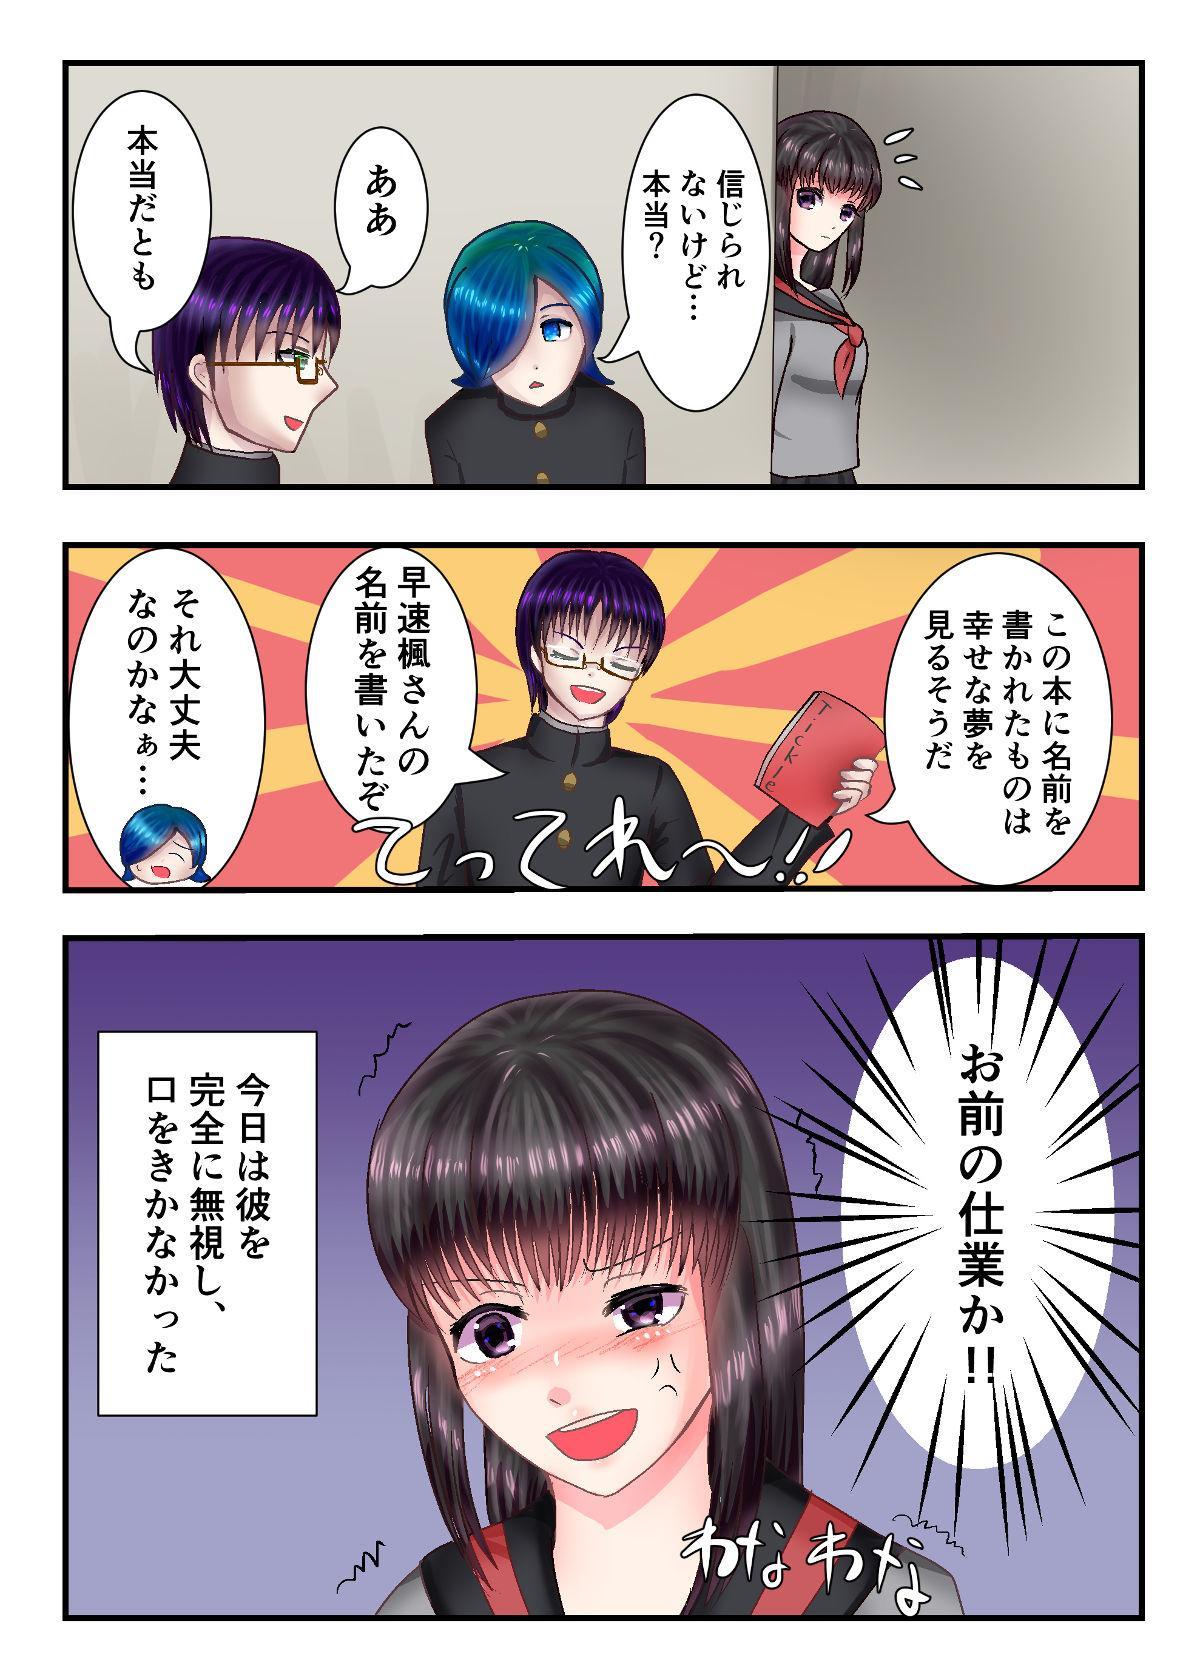 Kurokami Joshi o Kusuguru dake no All Color Eromanga 8